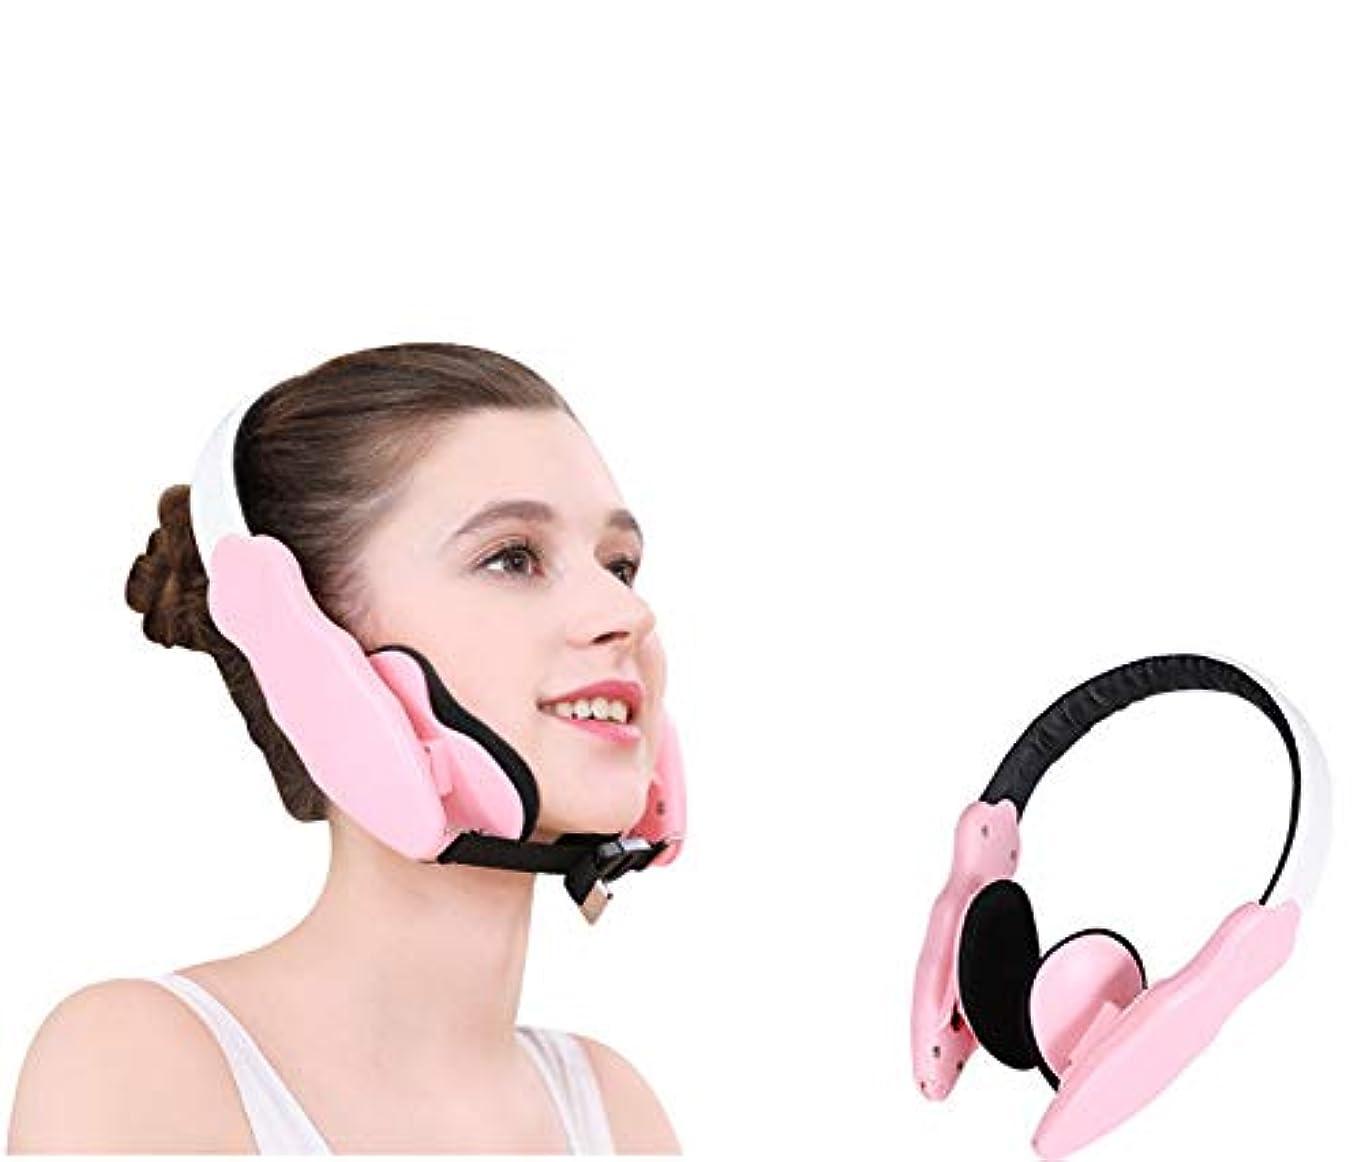 香ばしい激怒安全性フェイスリフティングベルト、フェイスコレクション、フェイスリフティングインストゥルメント、フェイス/サイズの修正、アシンメトリー、下顎、ジョーアセンブラ (ピンク)